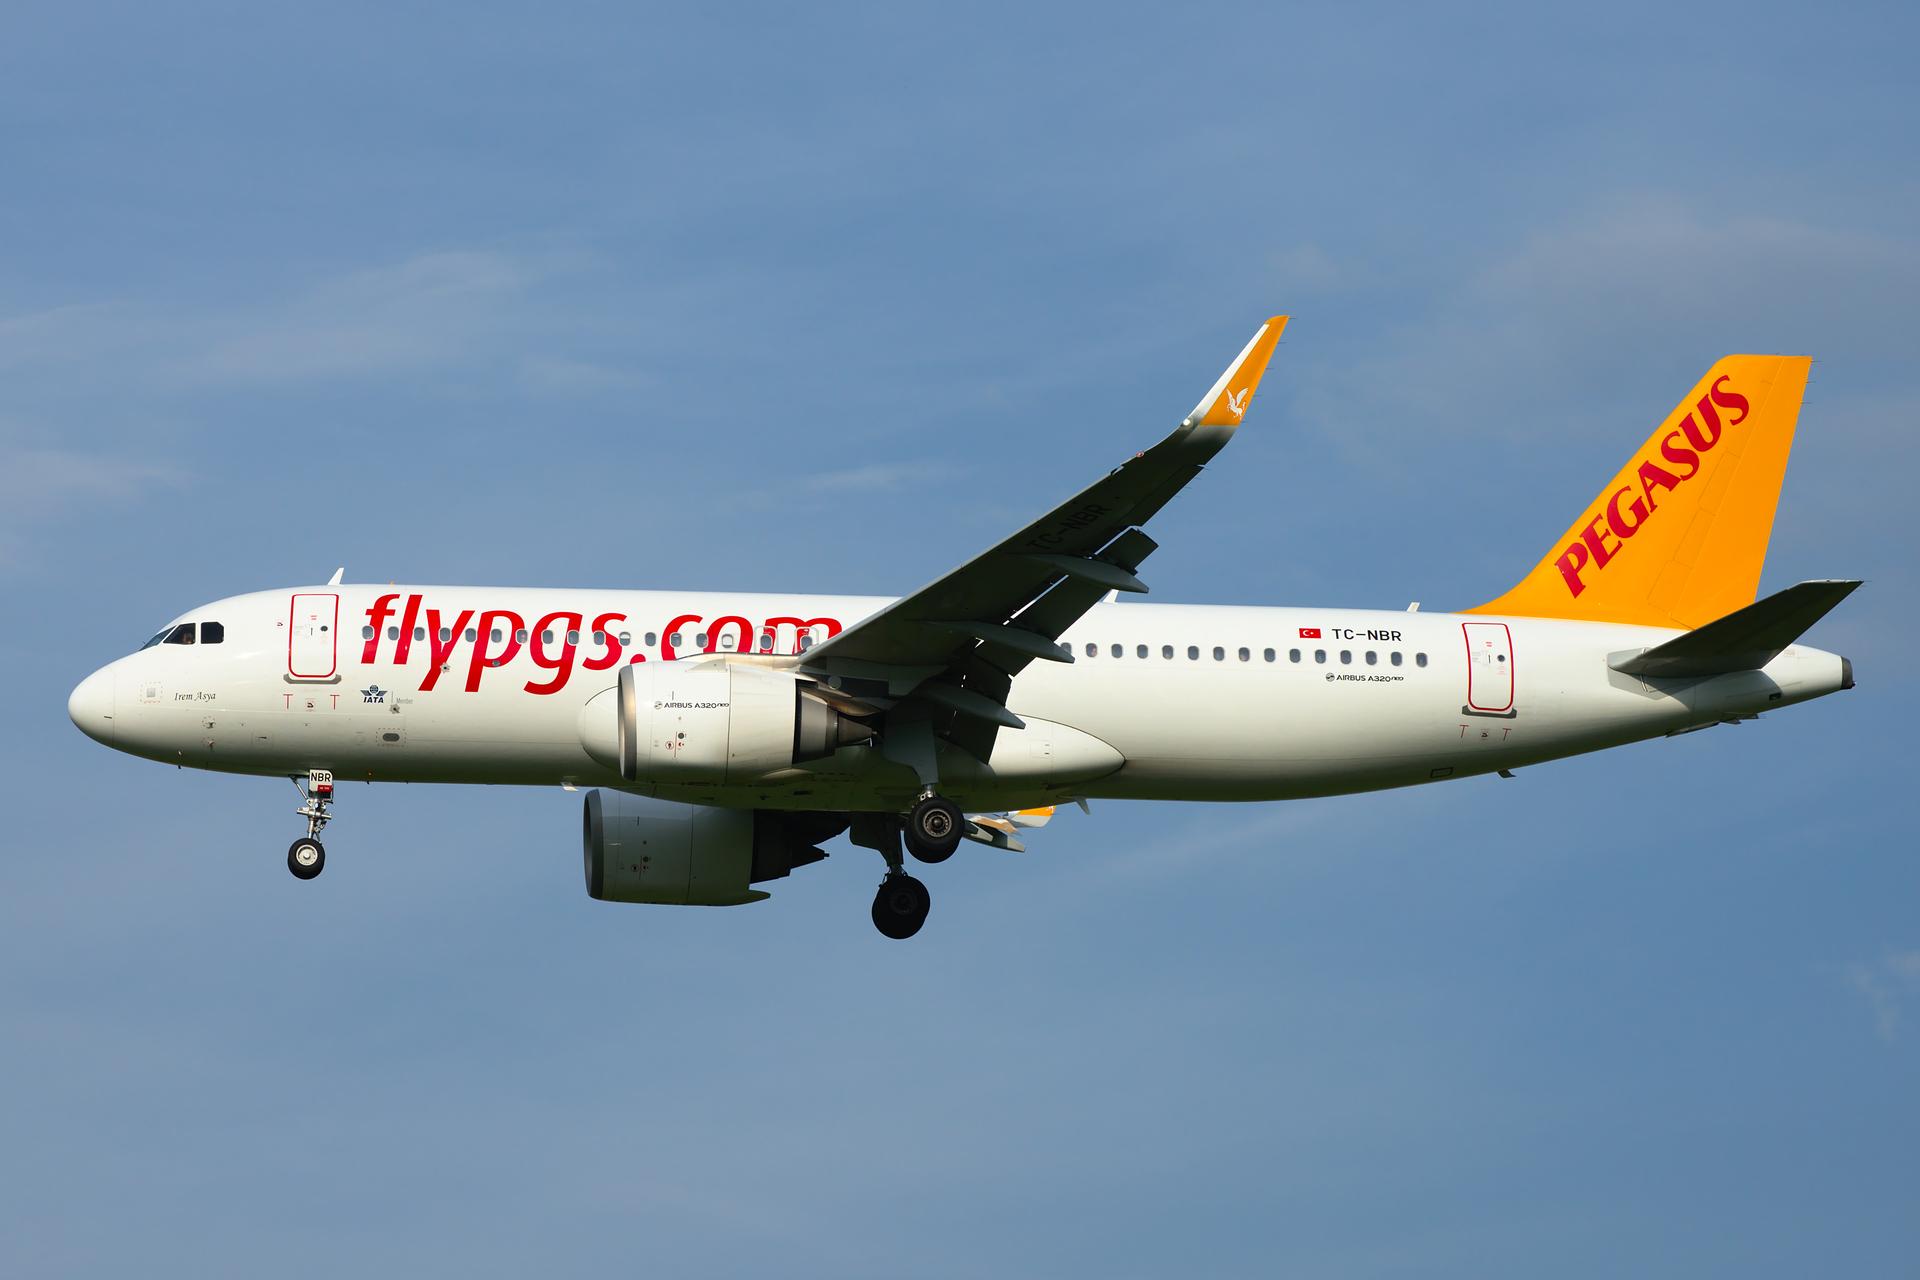 Europe's biggest airlines: Pegasus